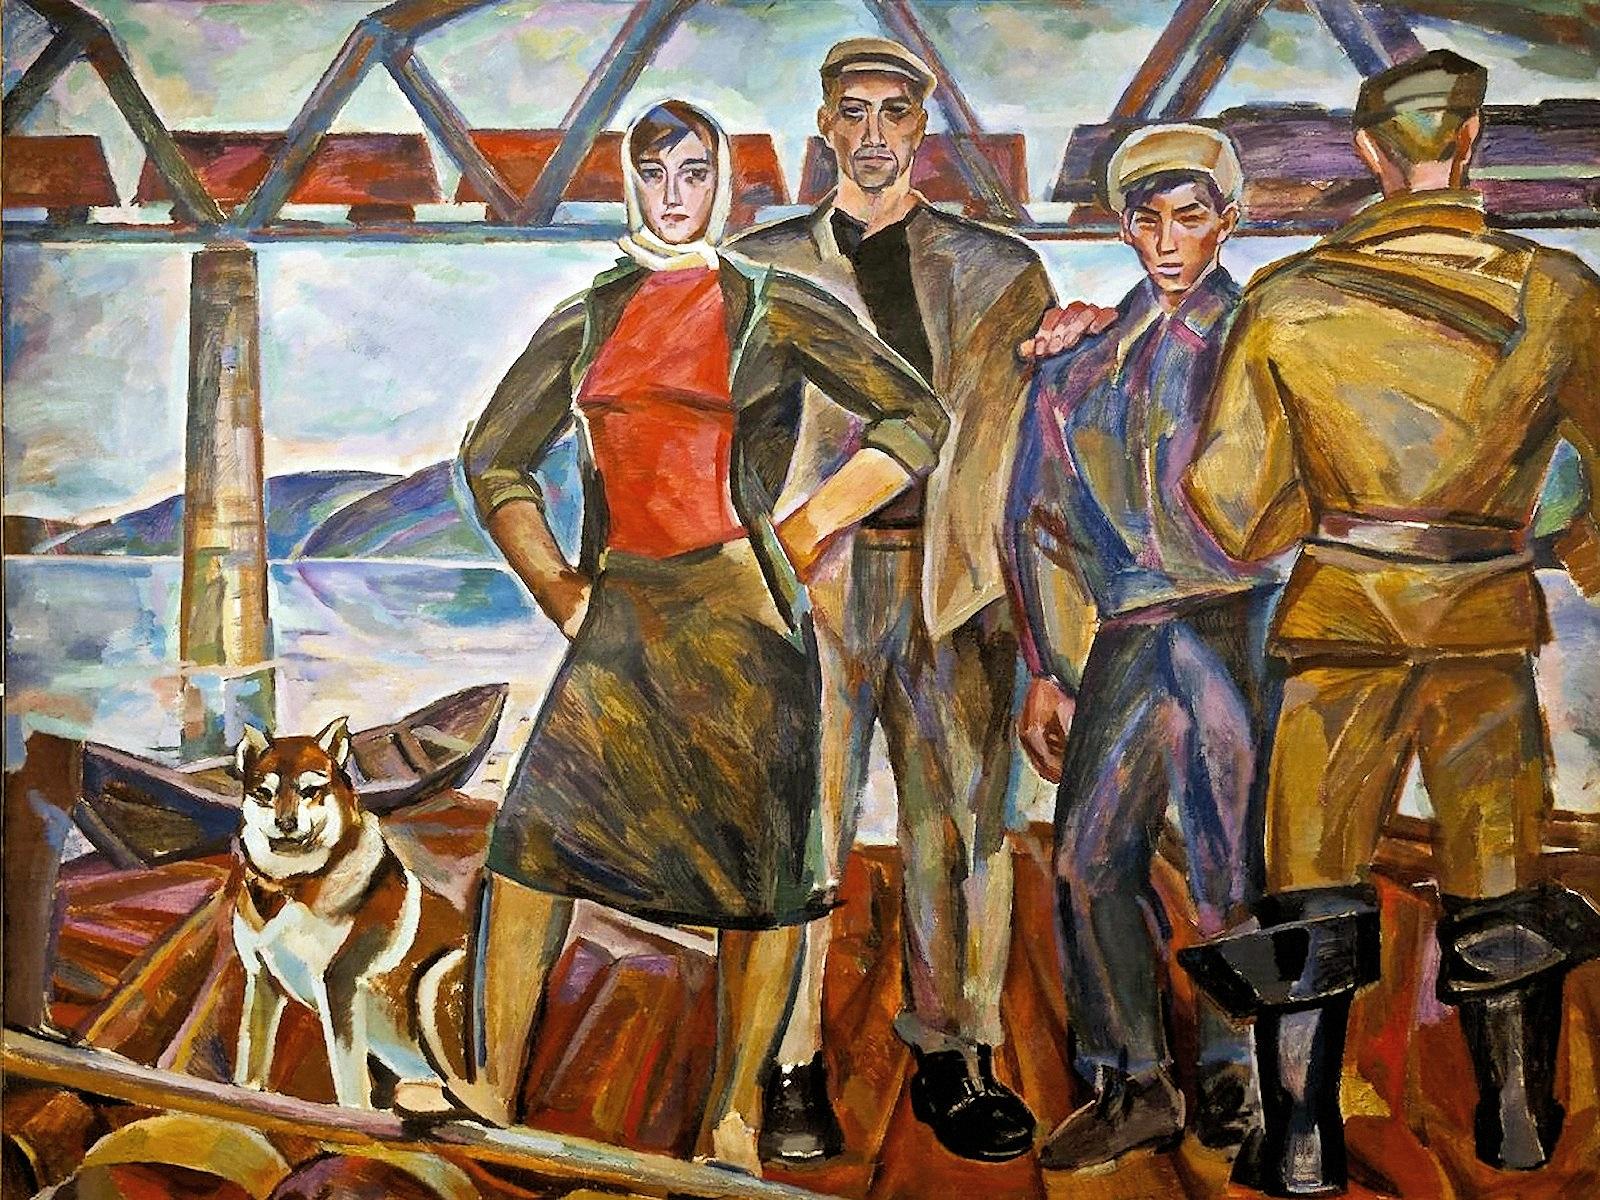 00-nikolai-andronov-ferrymen-1961